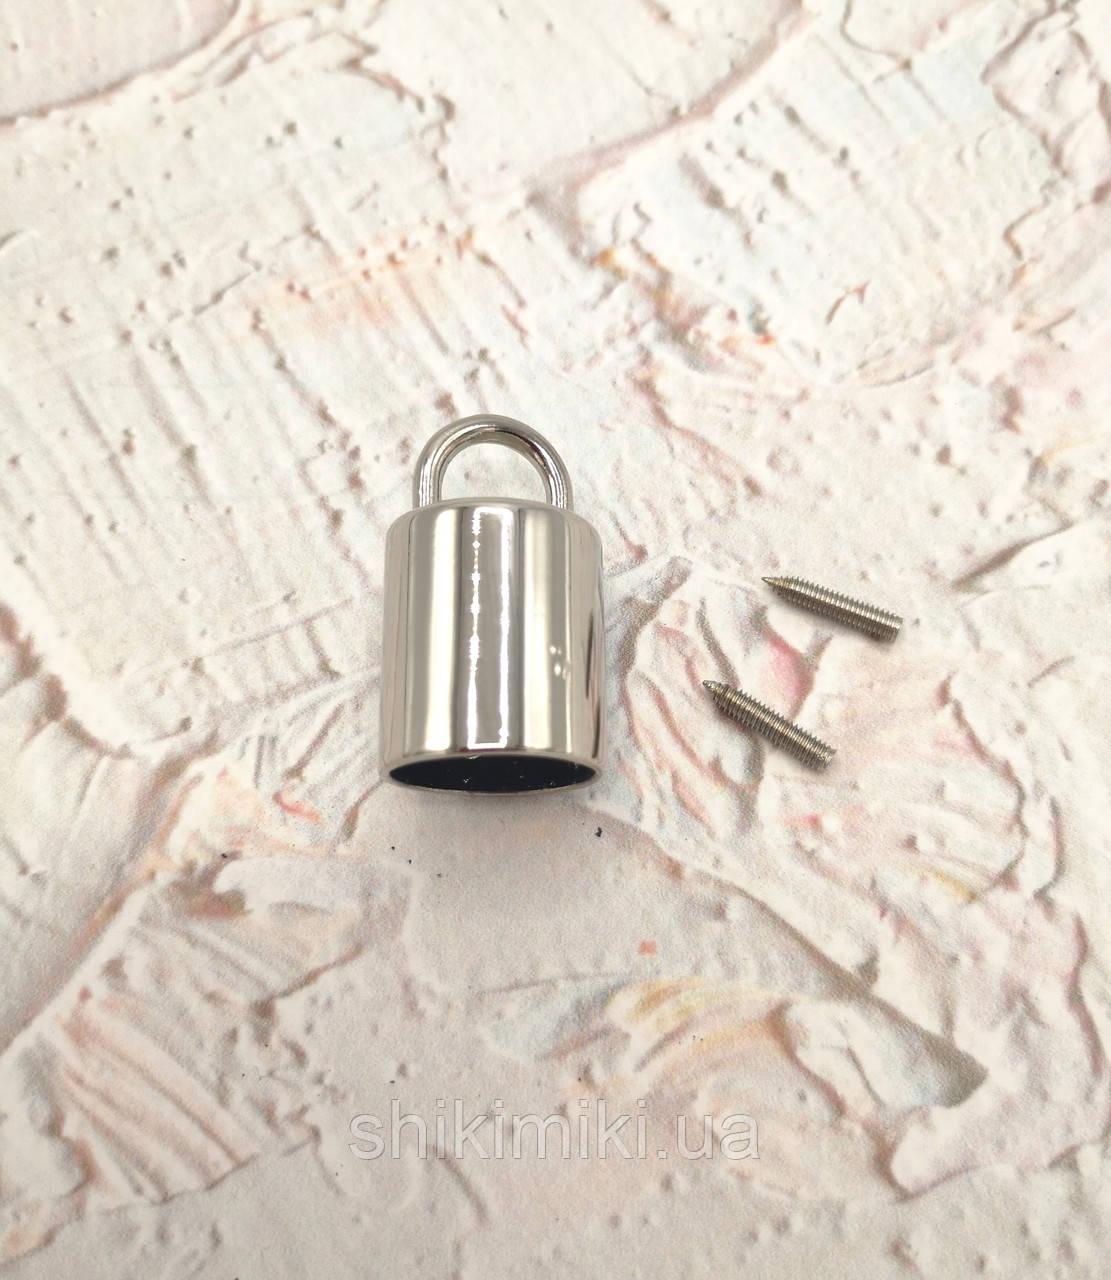 Держатель-боченок DR03-1, цвет никель